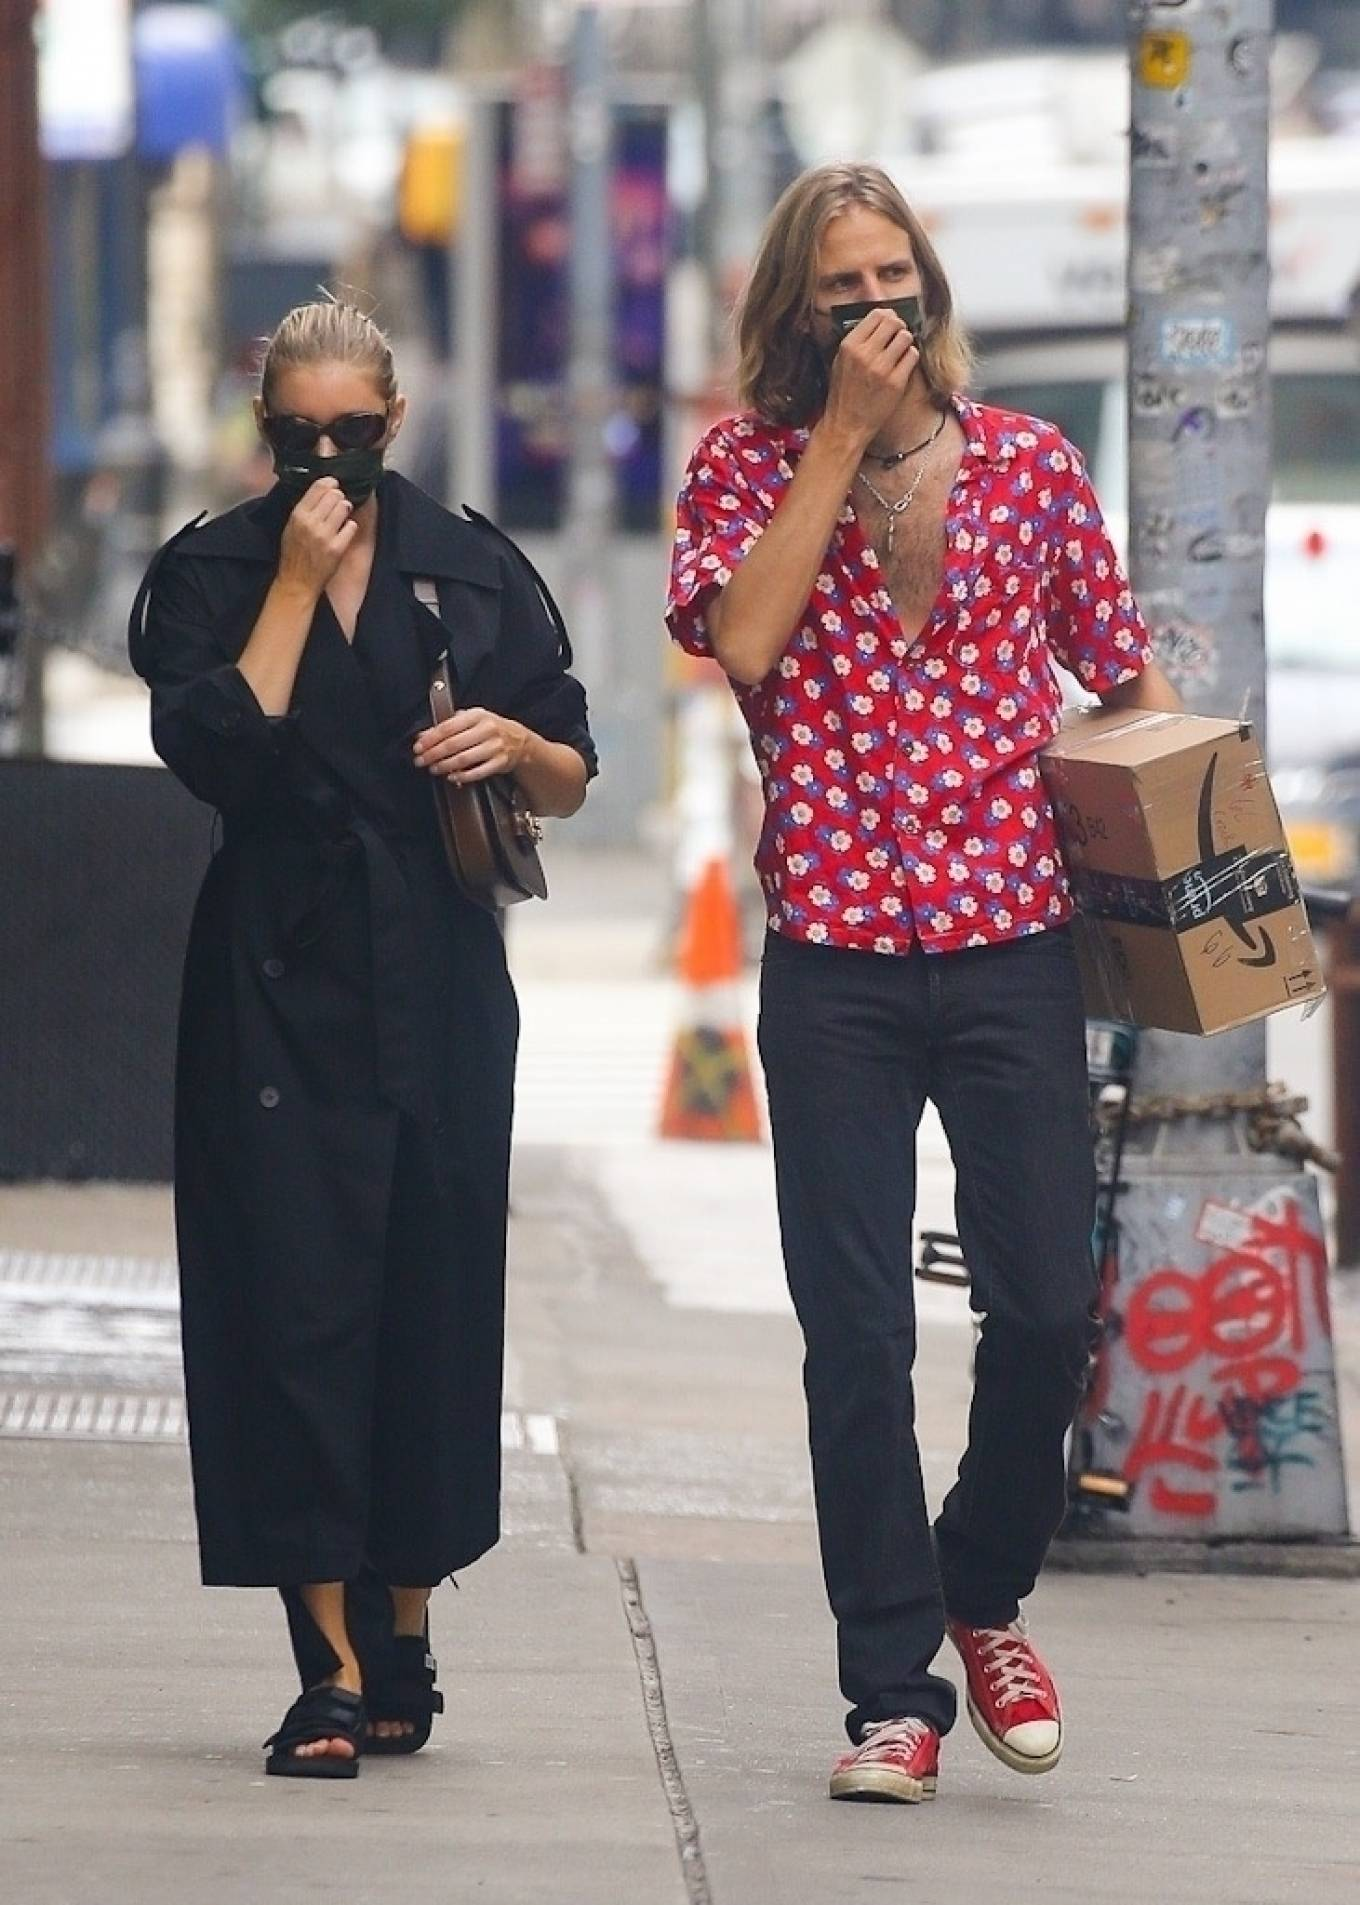 Elsa Hosk 2020 : Elsa Hosk with her boyfriend in New York City-13